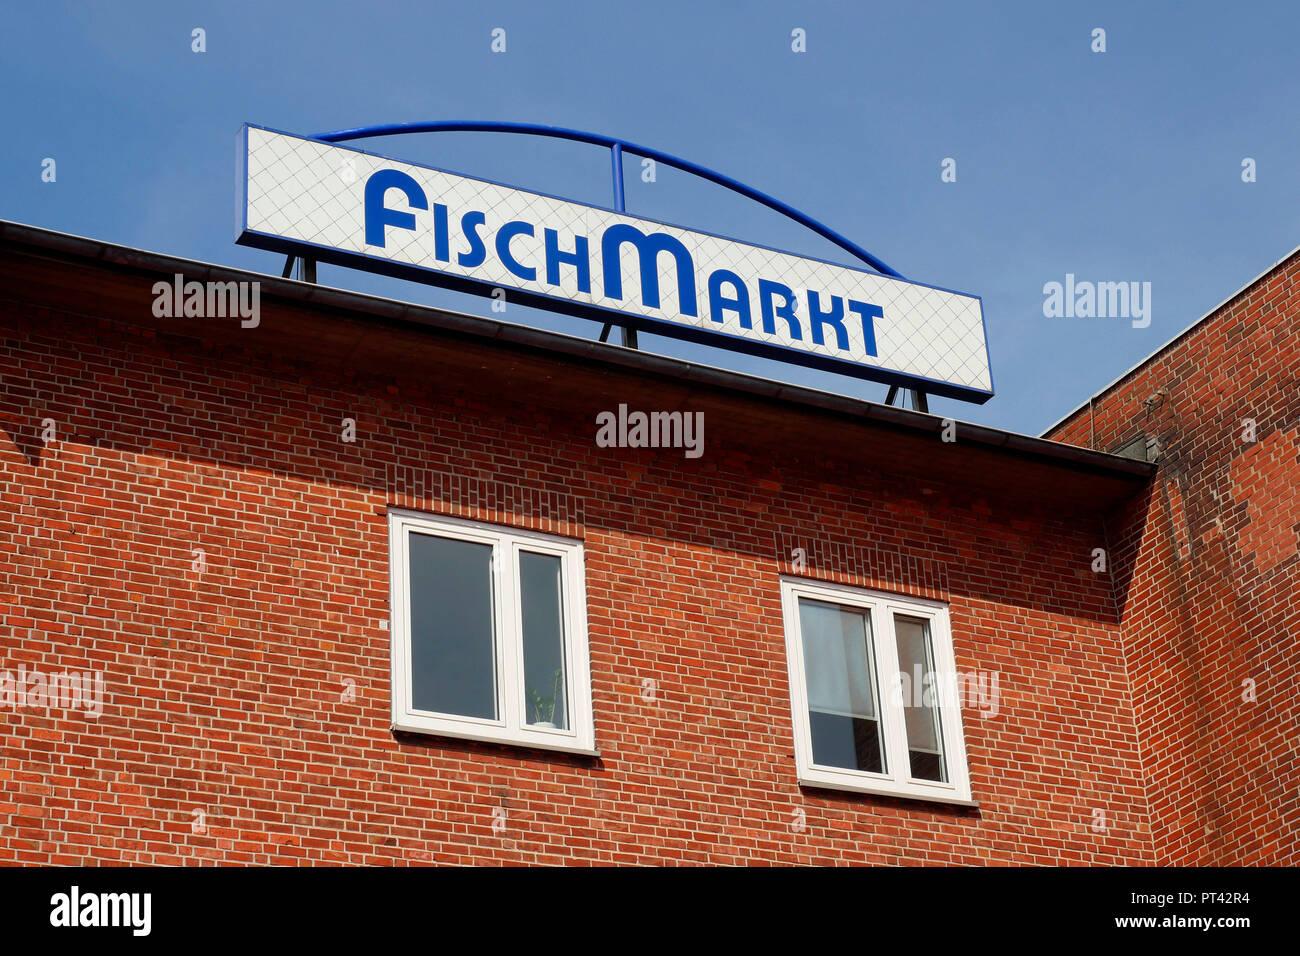 Schild Fischmarkt An Der Van Der Smissen Straße Altona Hamburg